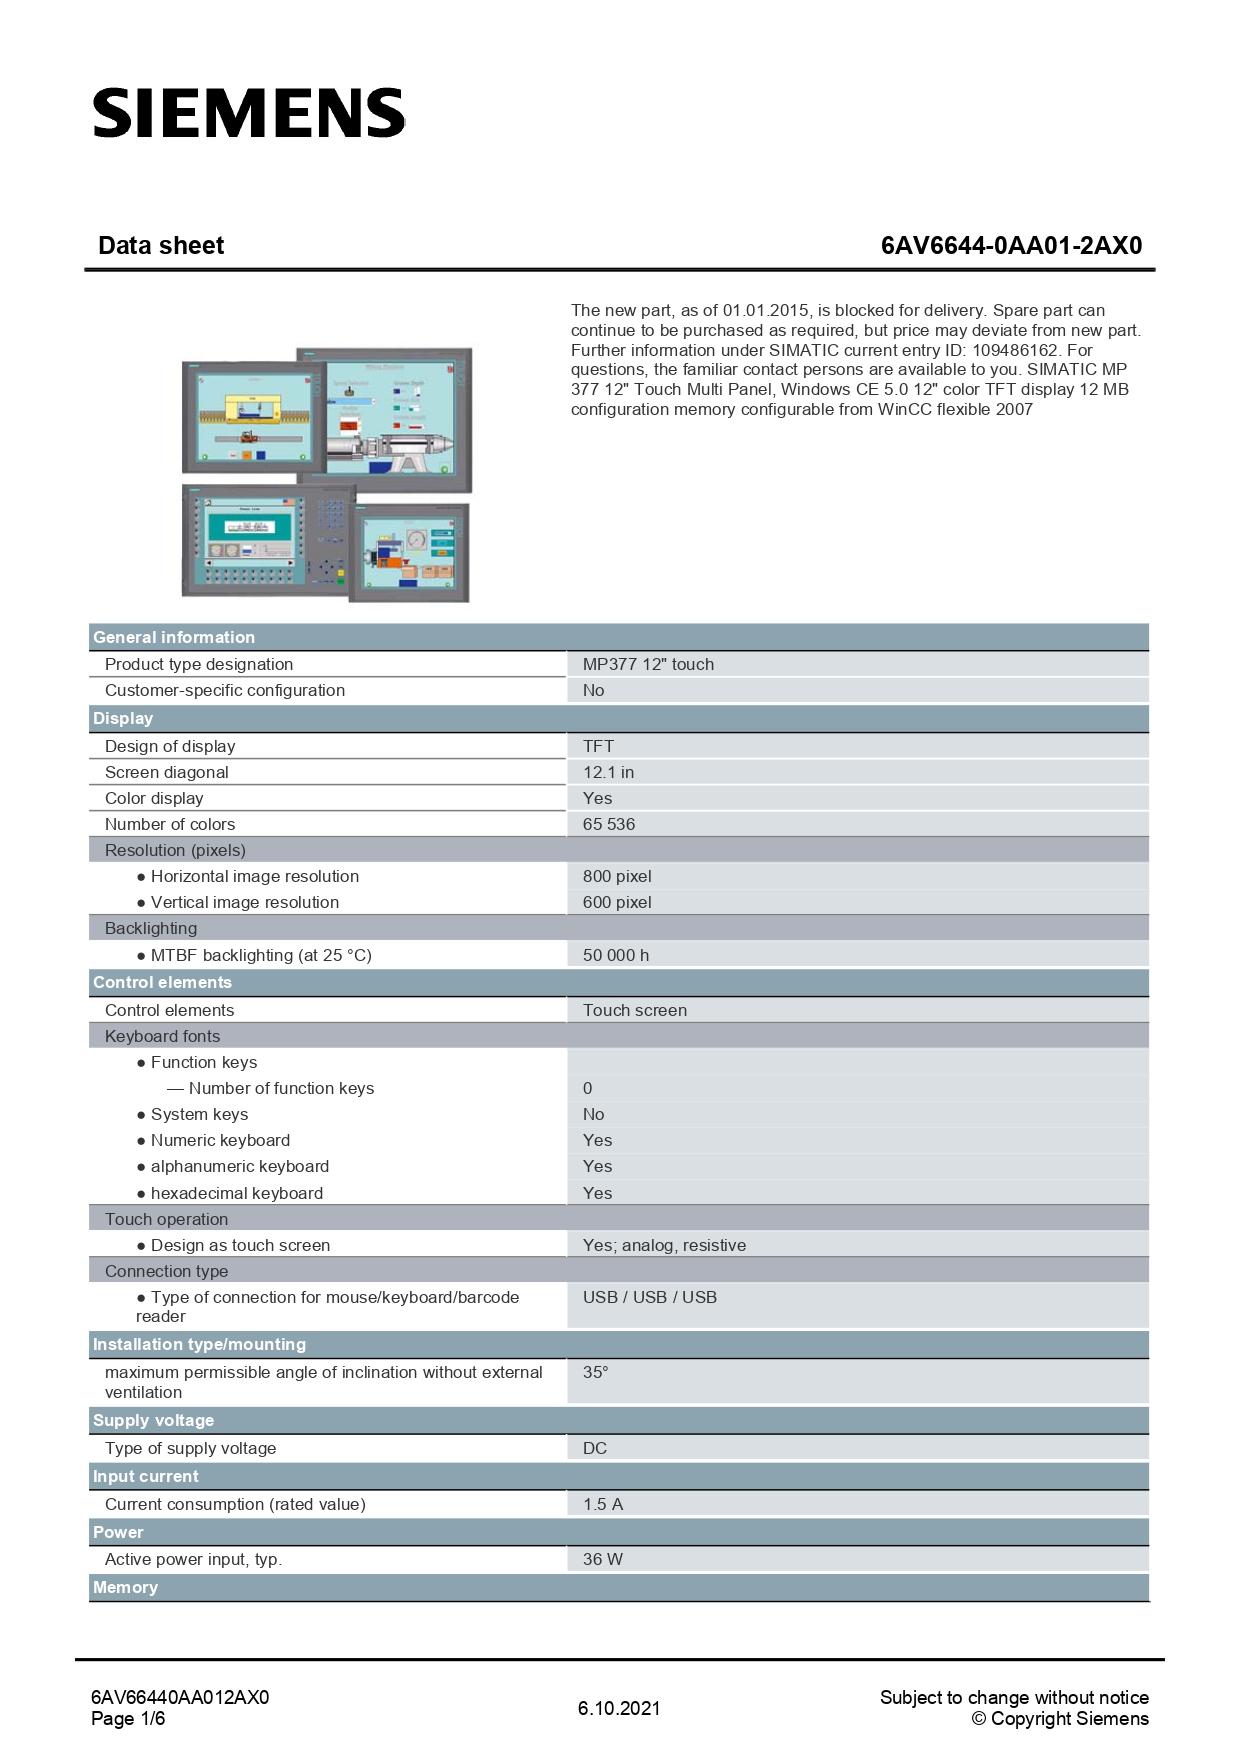 6AV66440AA012AX0_datasheet